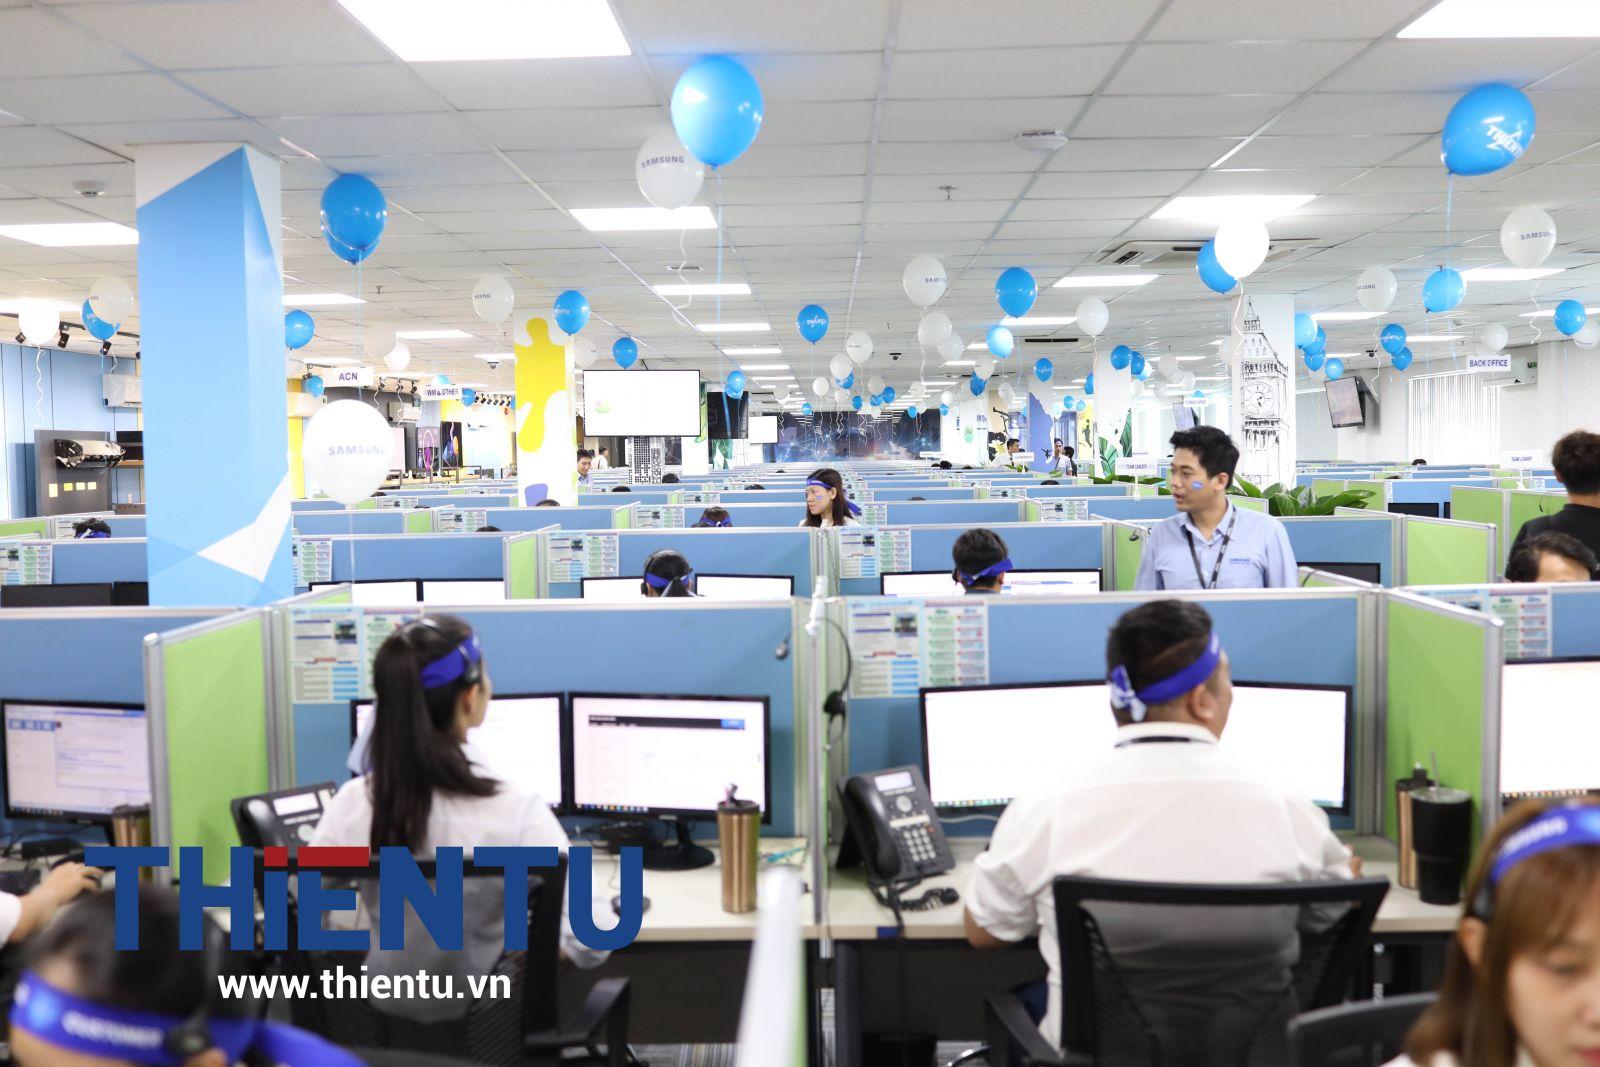 Dịch vụ và giải pháp call center